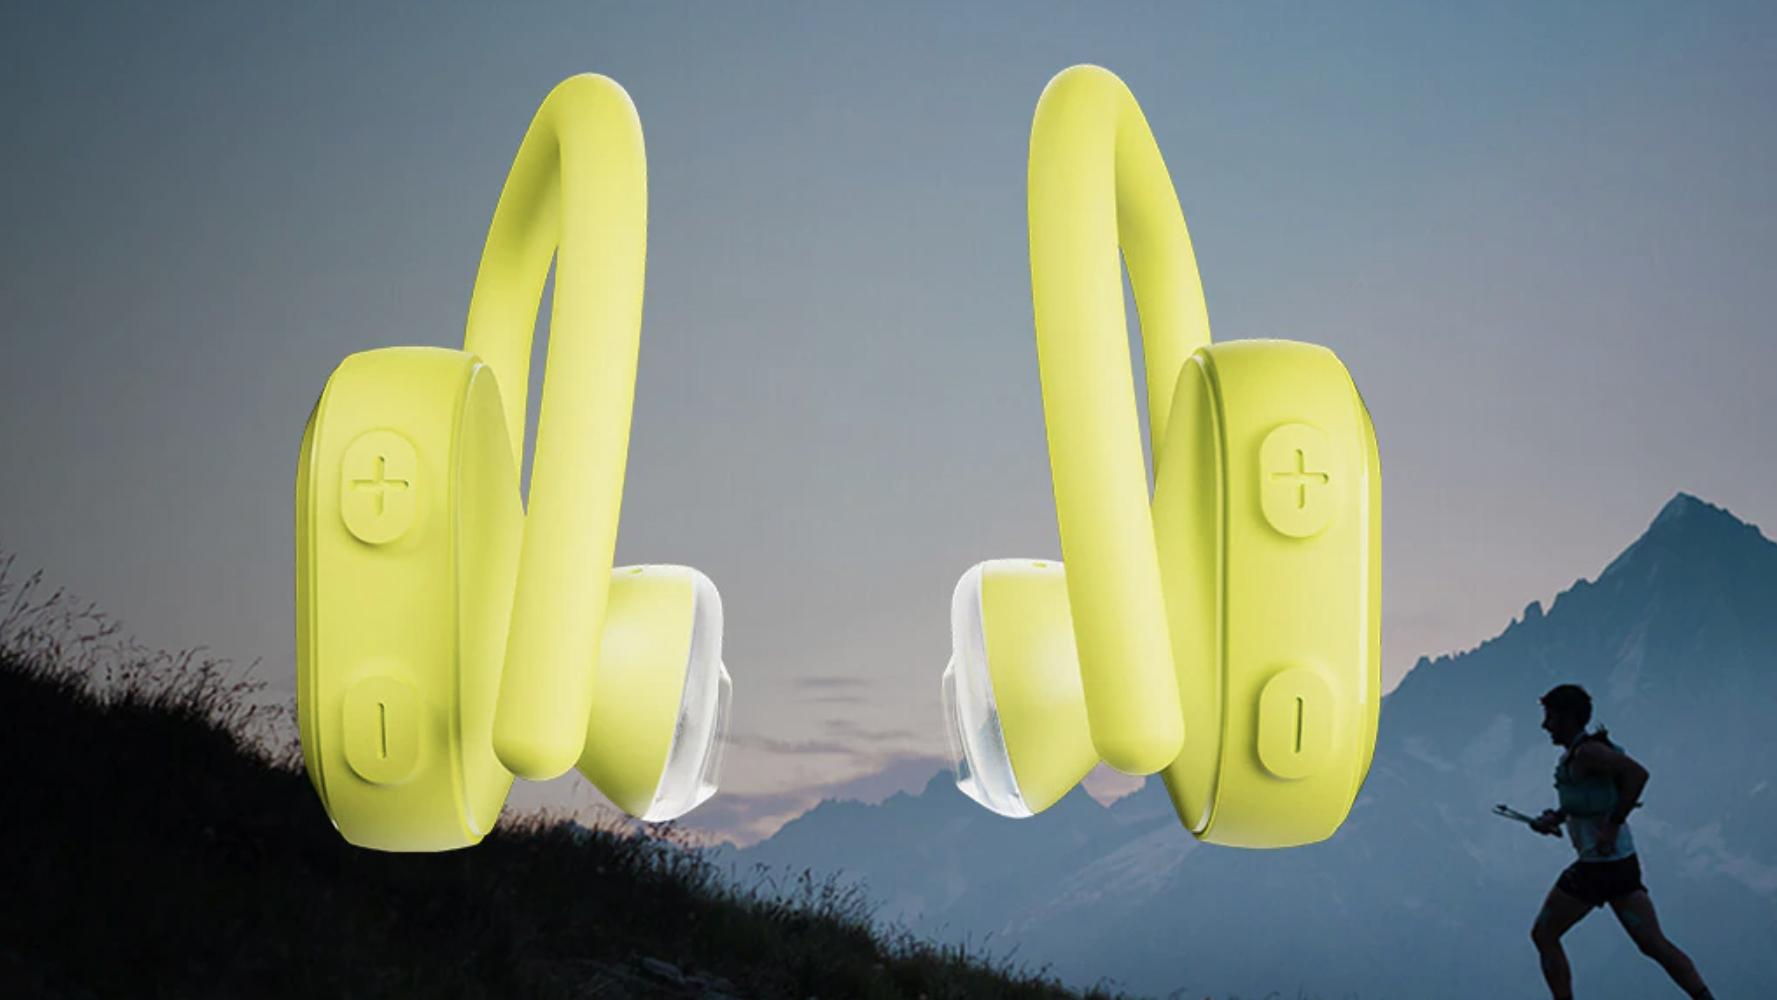 skullcandy true wireless earbuds